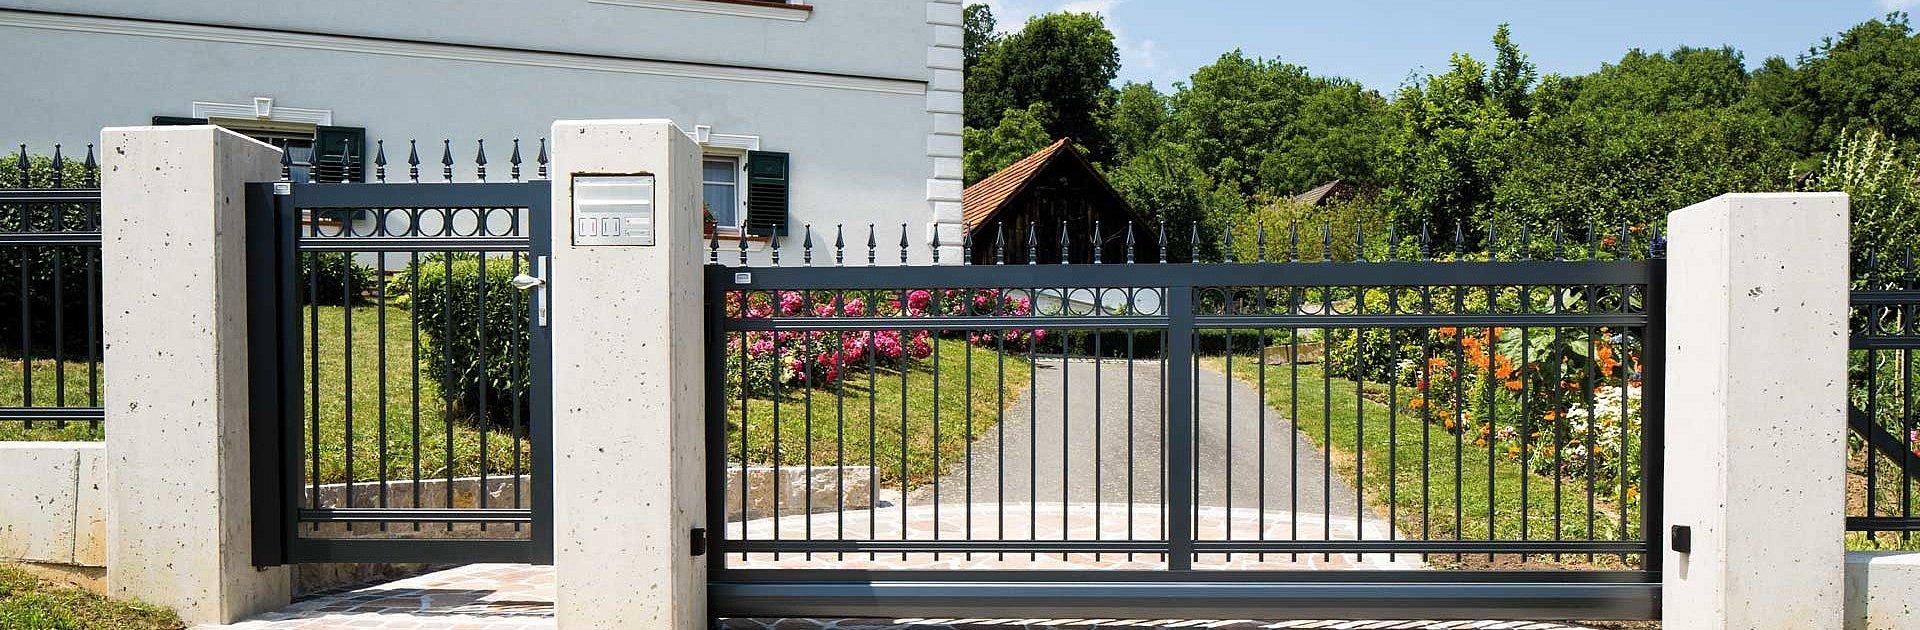 Portail coulissant et portillon de jardin en aluminium finition ferronnerie d'art devant un grand jardin